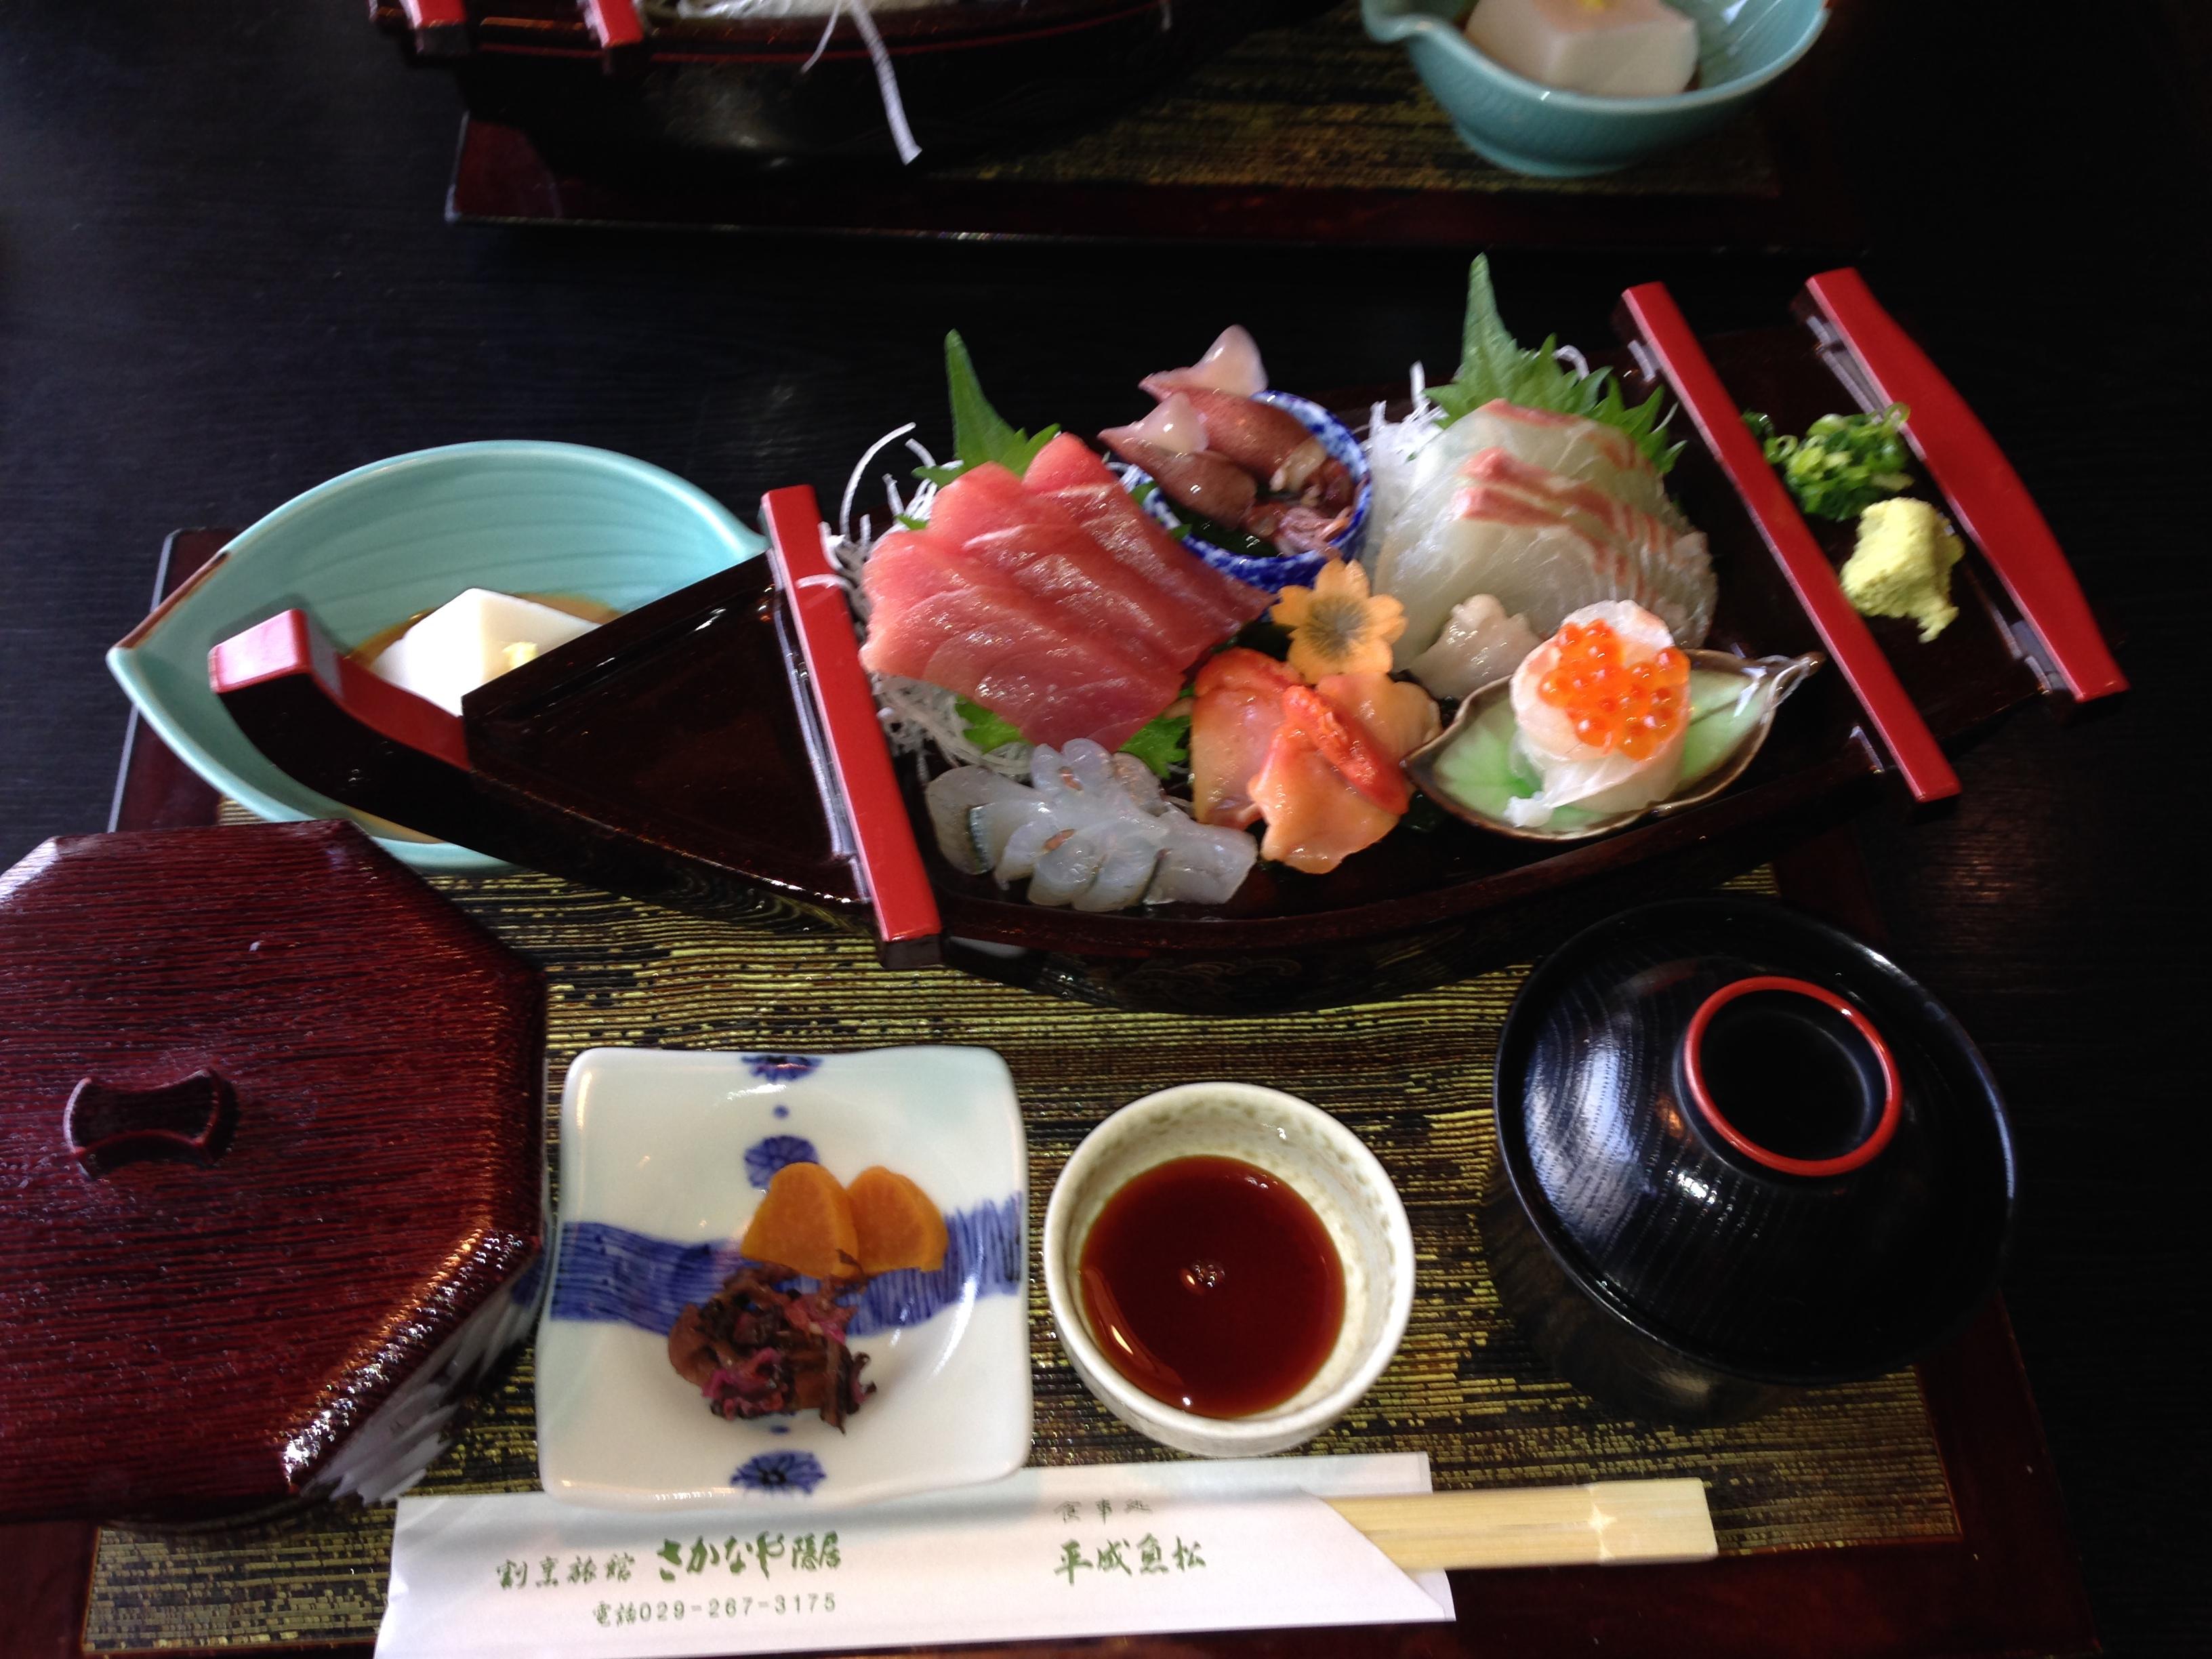 旅館さかなや隠居の付属の鮮魚料理店「平成魚松」の刺身松定食